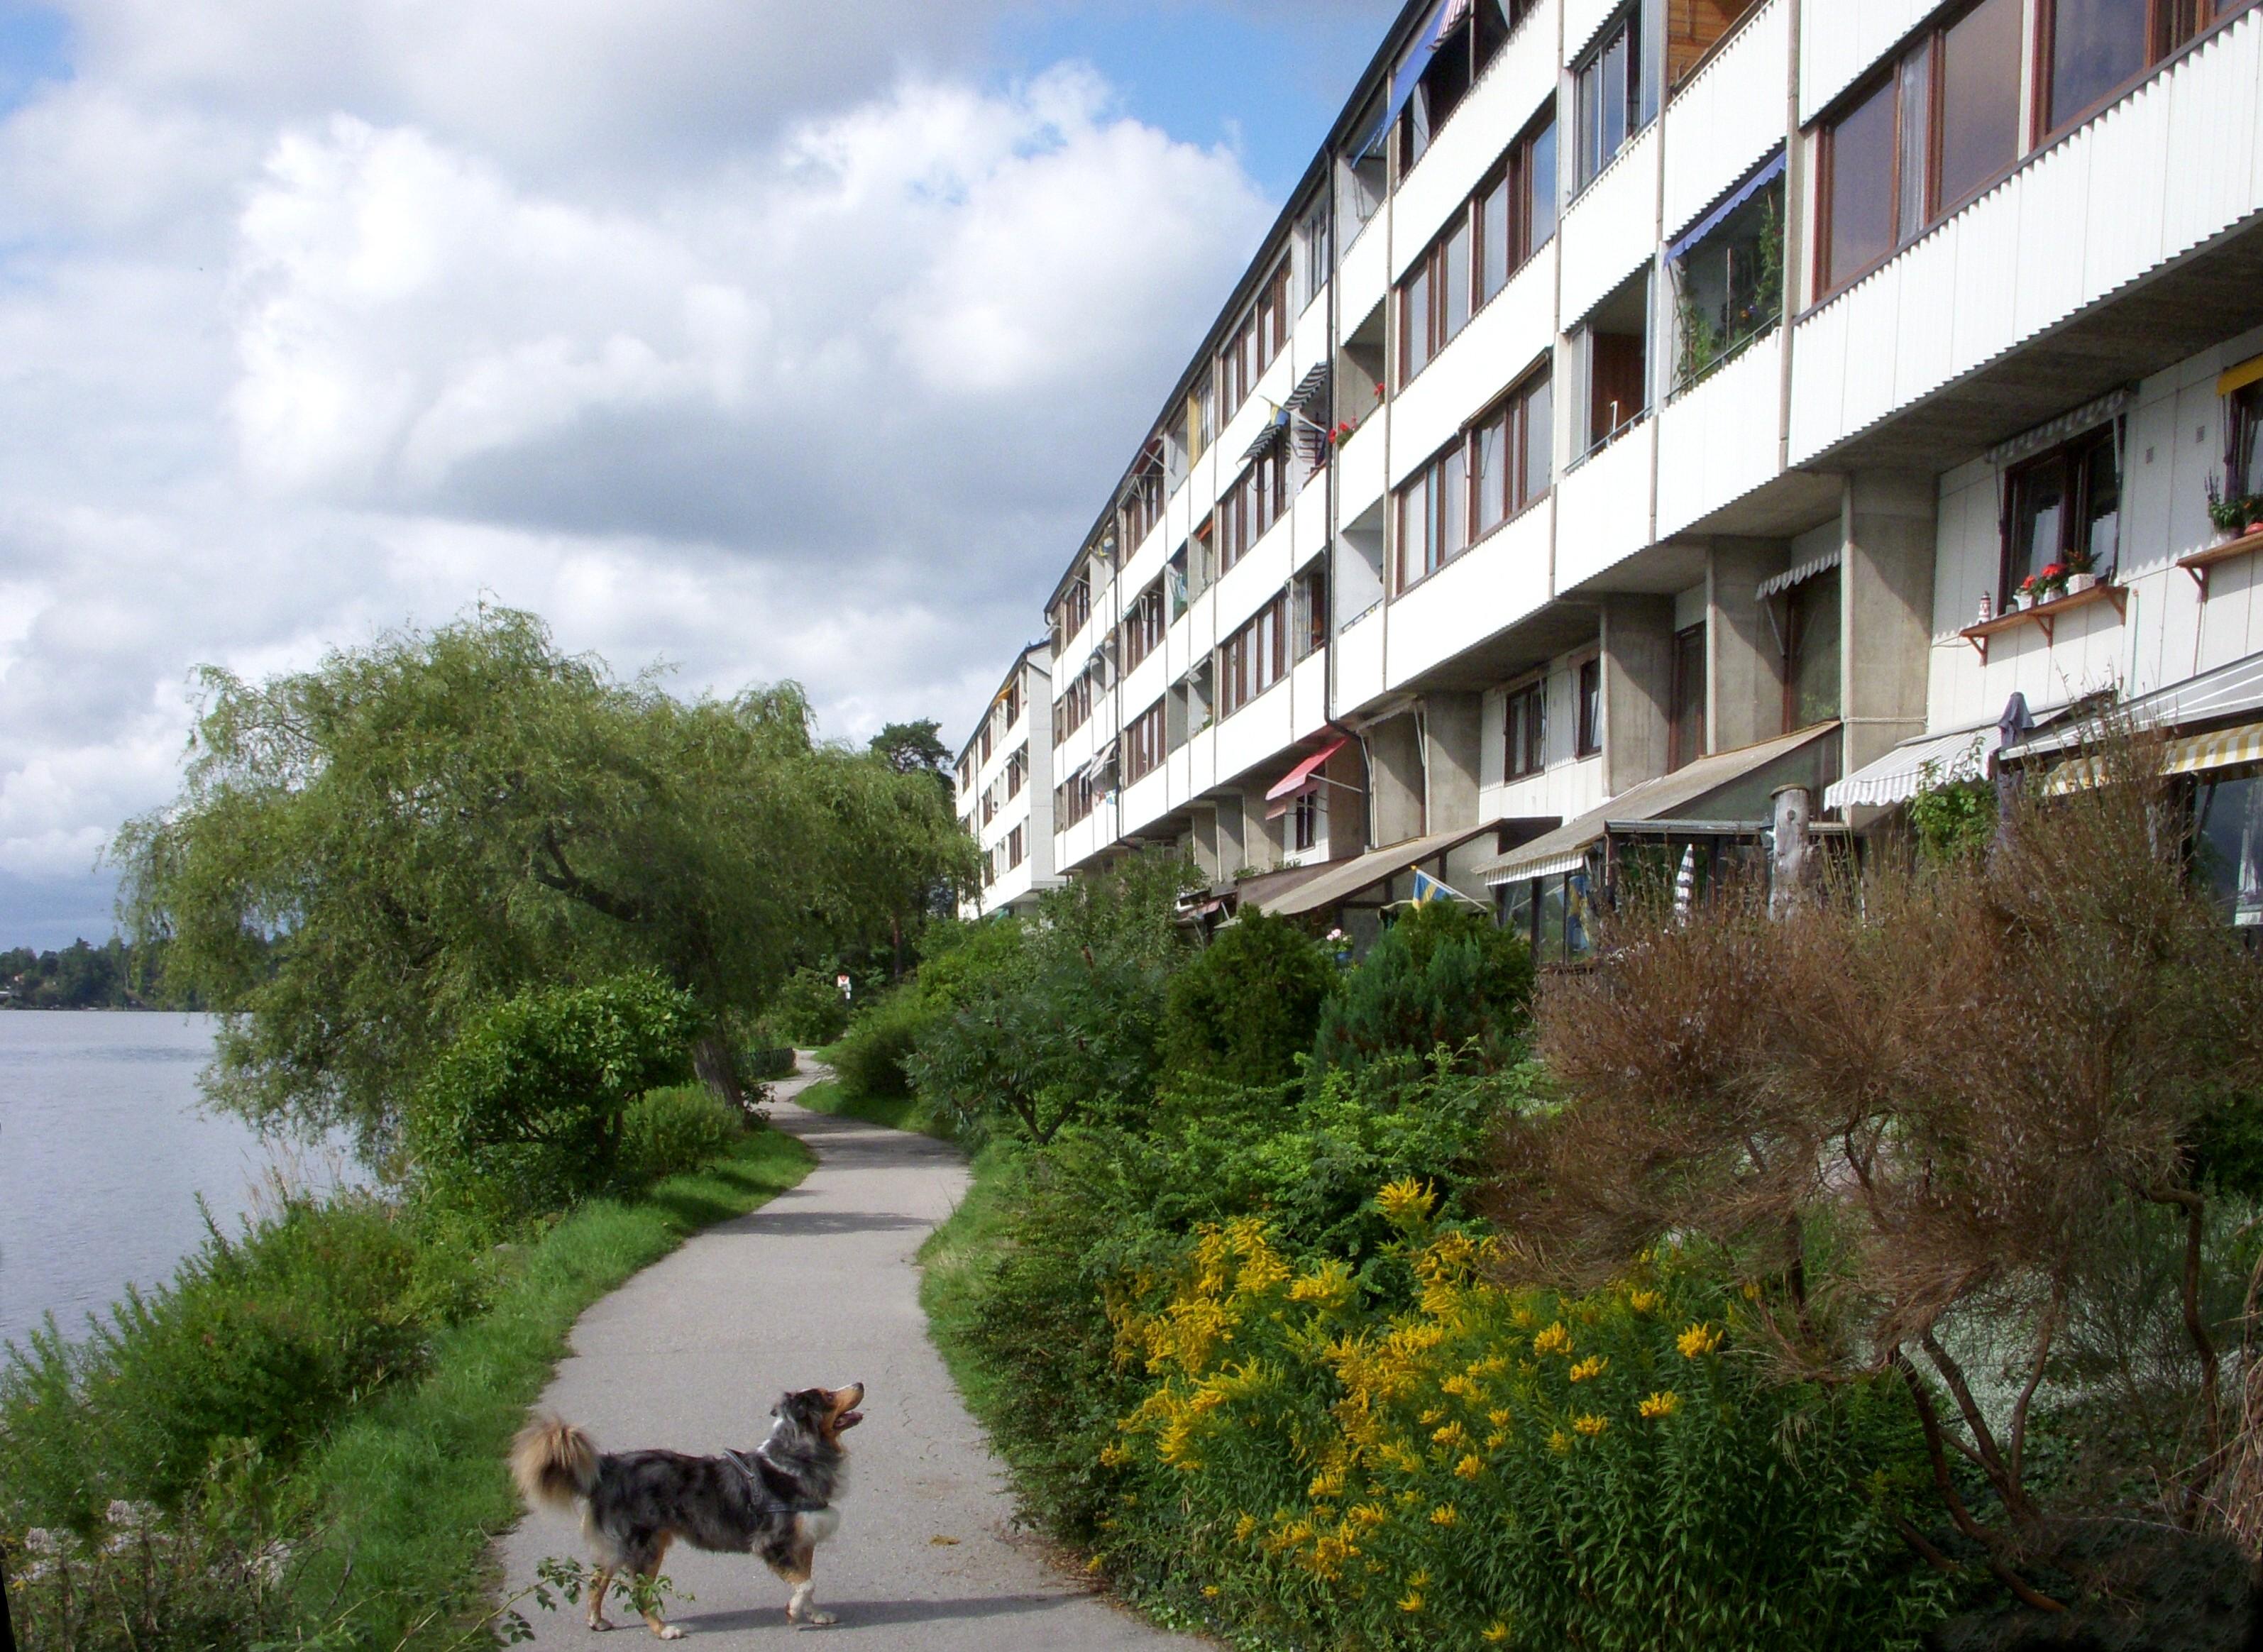 H%C3%A4sselby_Strandliden_2010.jpg